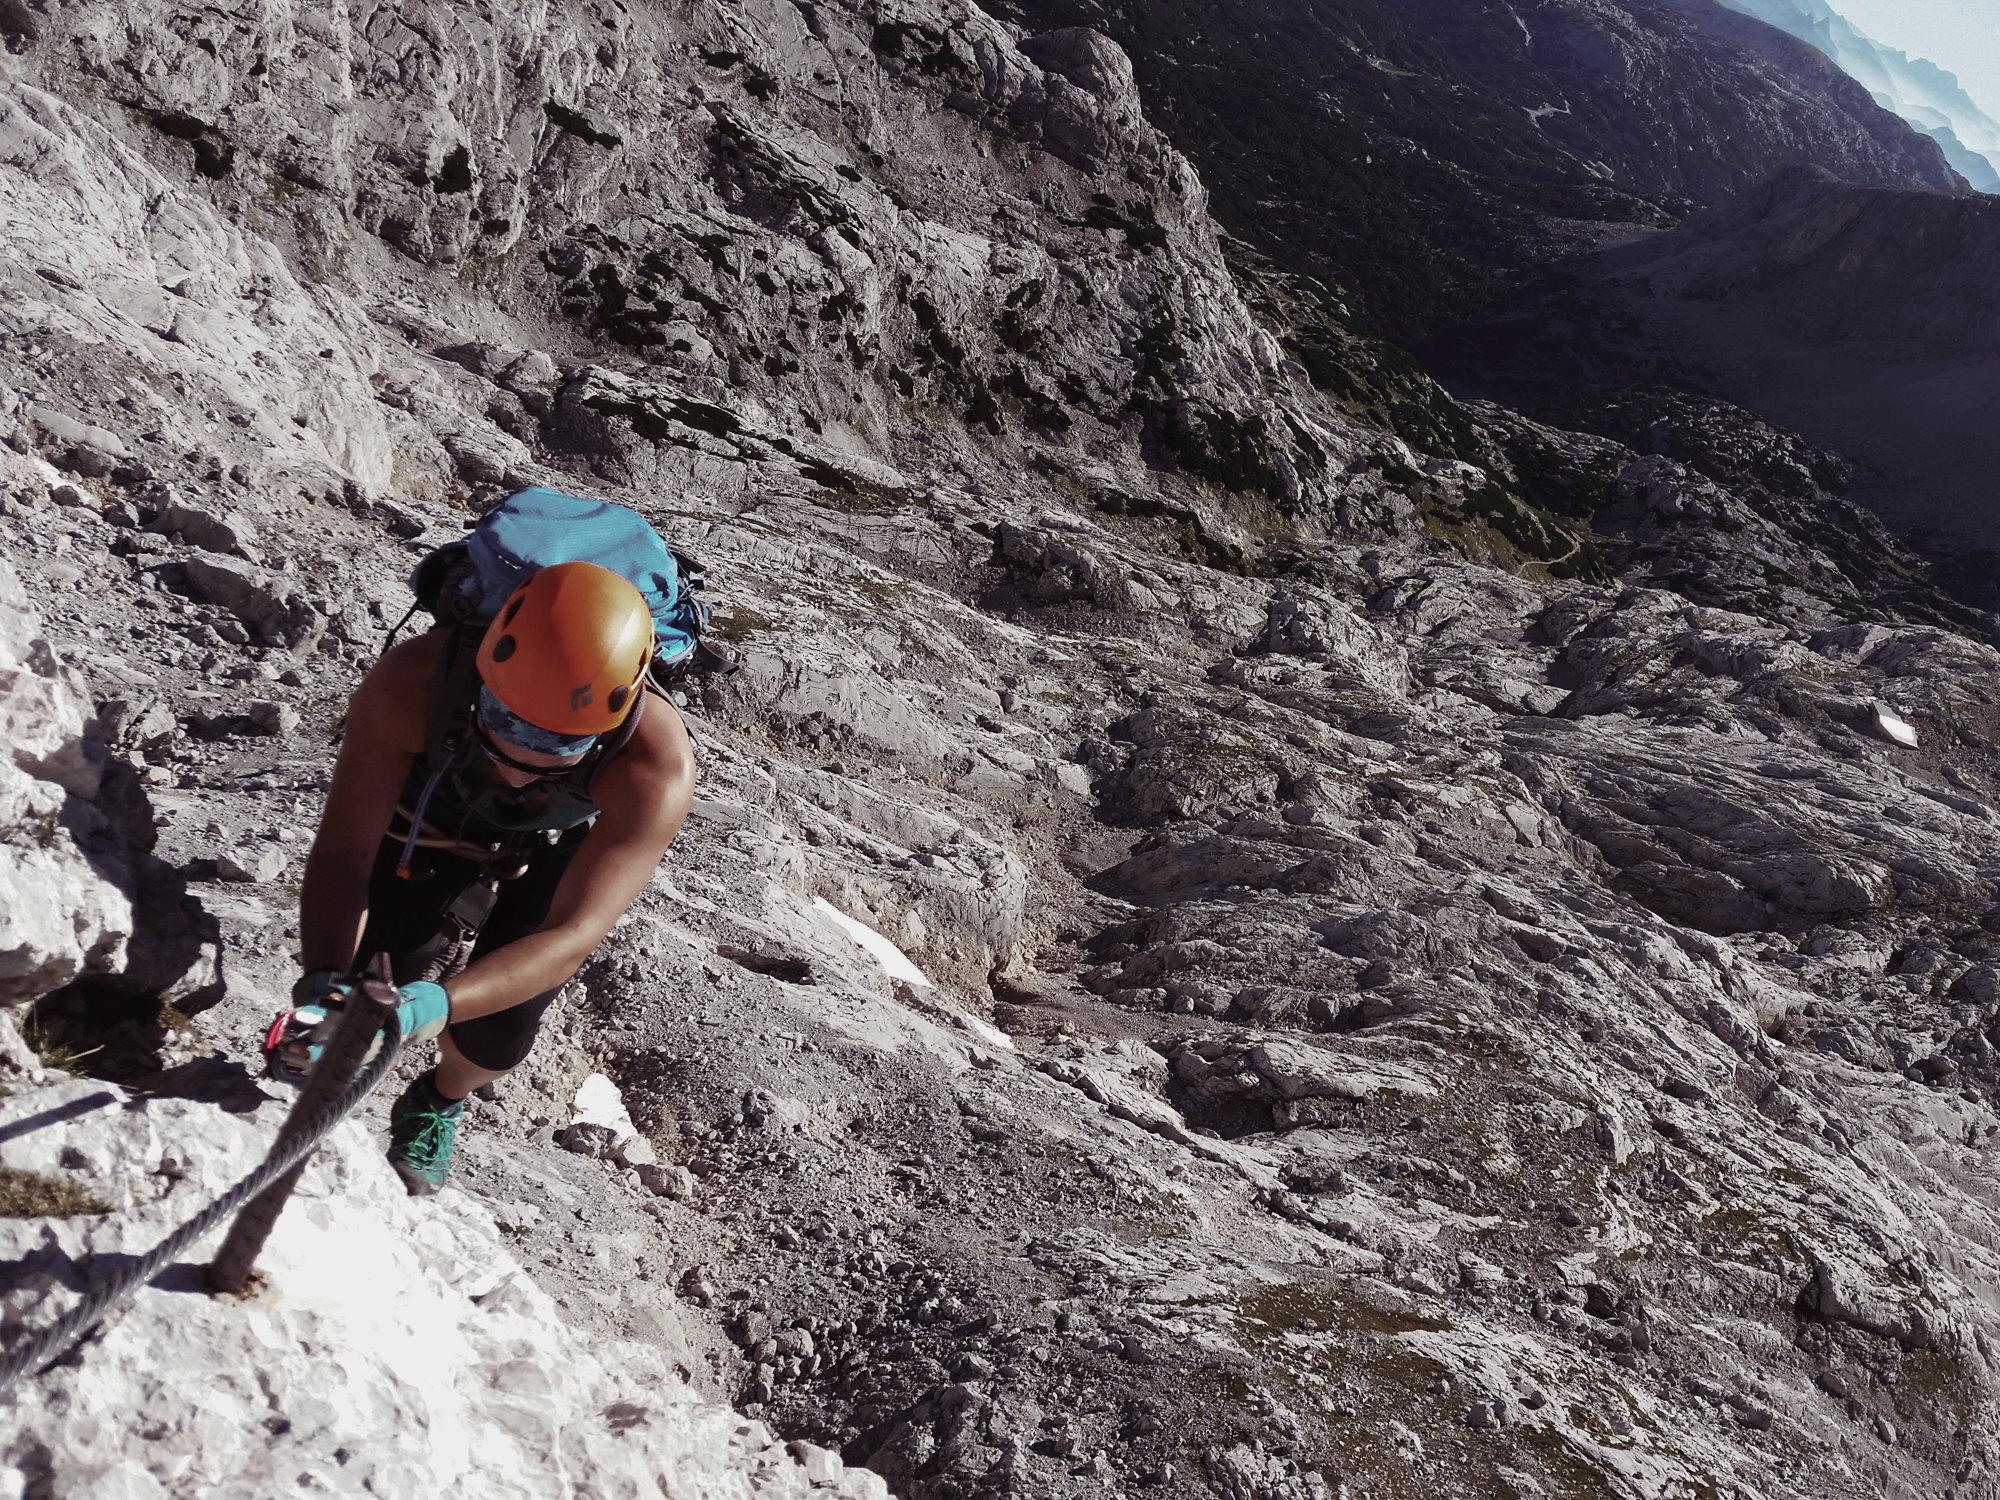 Ana Zirner Abenteurerin Outdoorfrauenpower